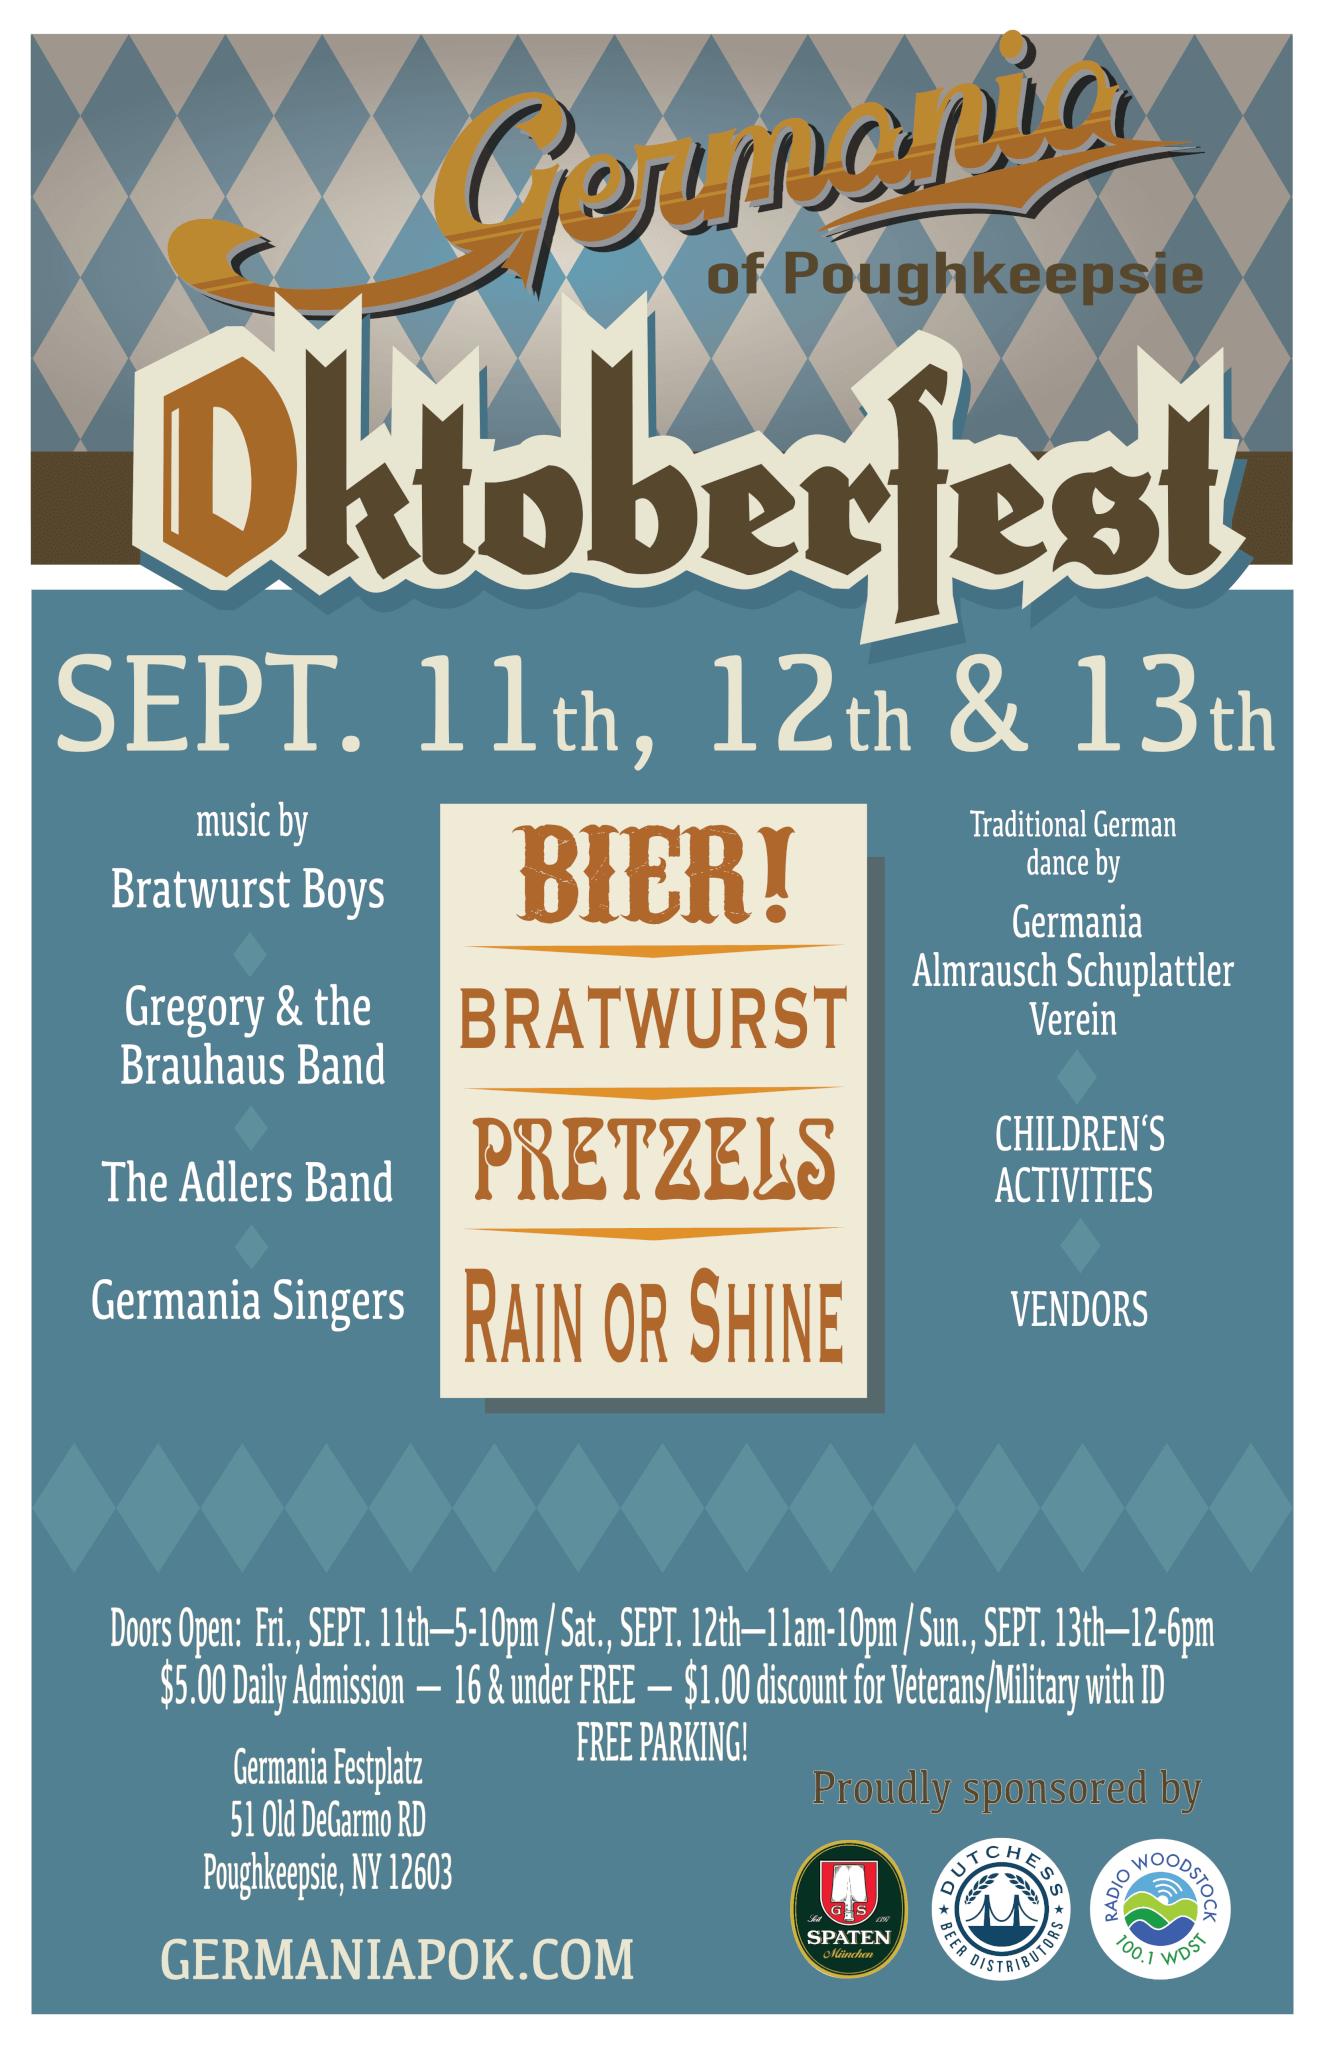 Germania oF Poughkeepsie, Oktoberfest 2020 poster